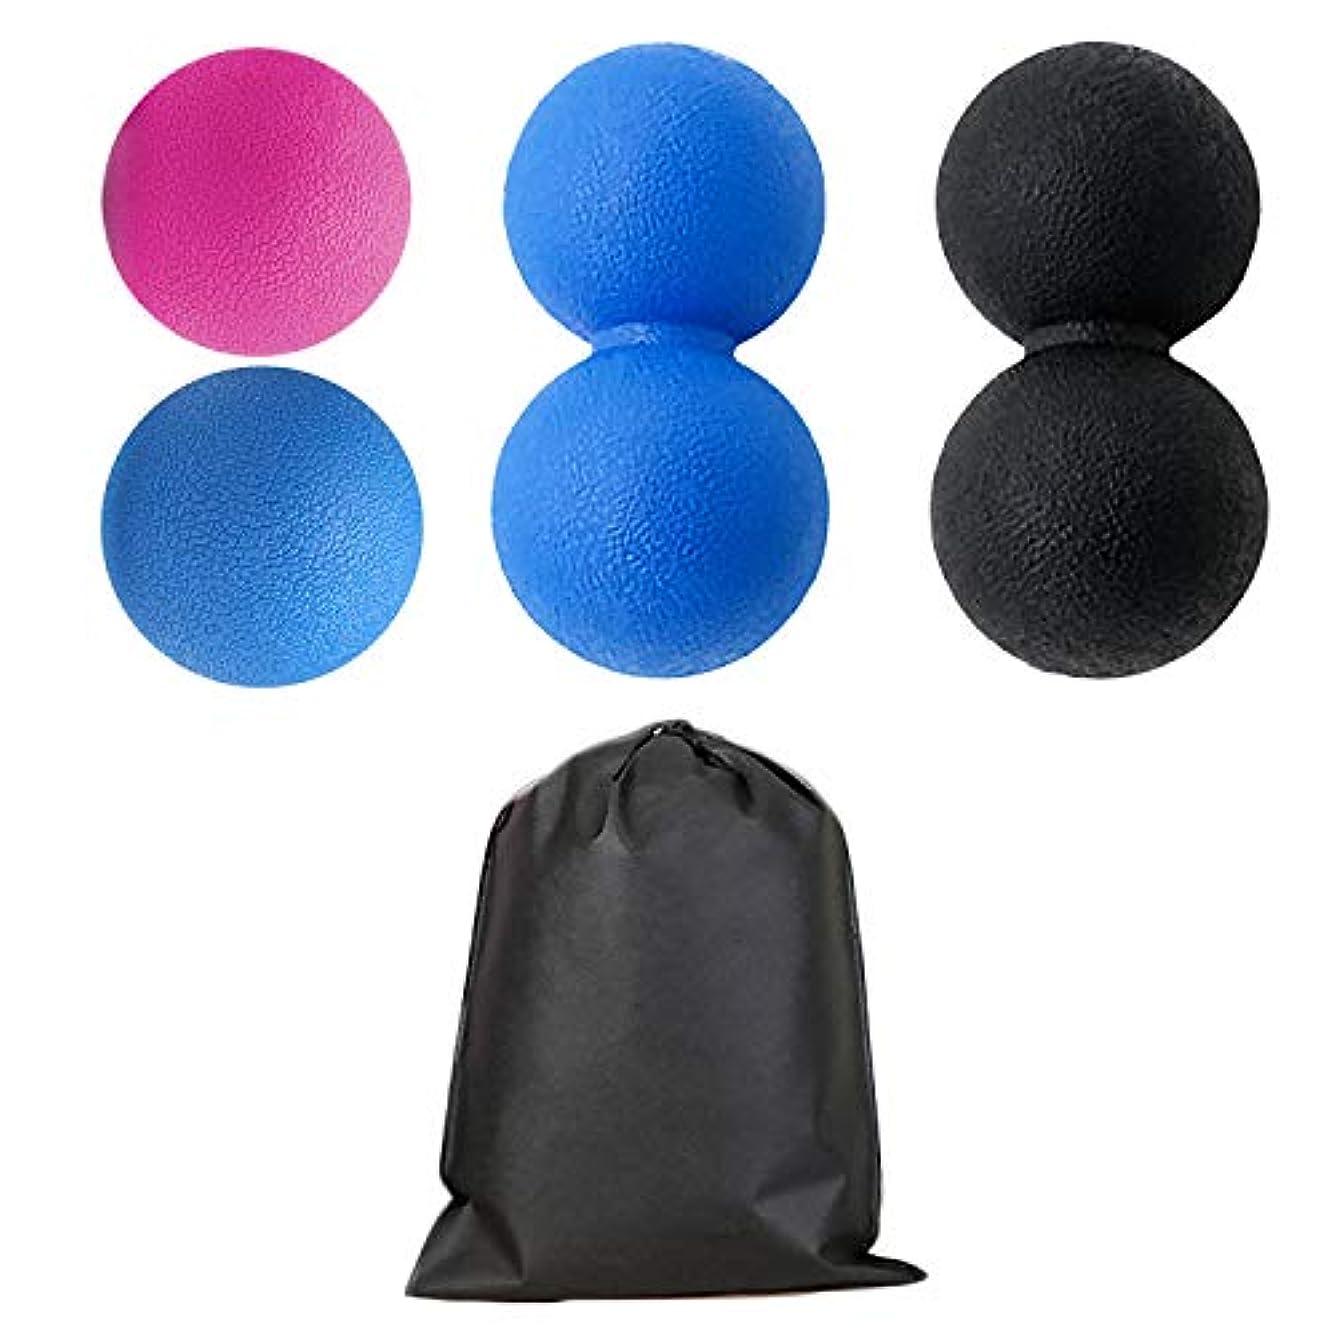 検索エンジンマーケティングタオル聴覚障害者Migavan 2本マッサージボールローラーバックマッサージボール収納袋が付いている別の様式のマッサージのローラーボールのマッサージャー